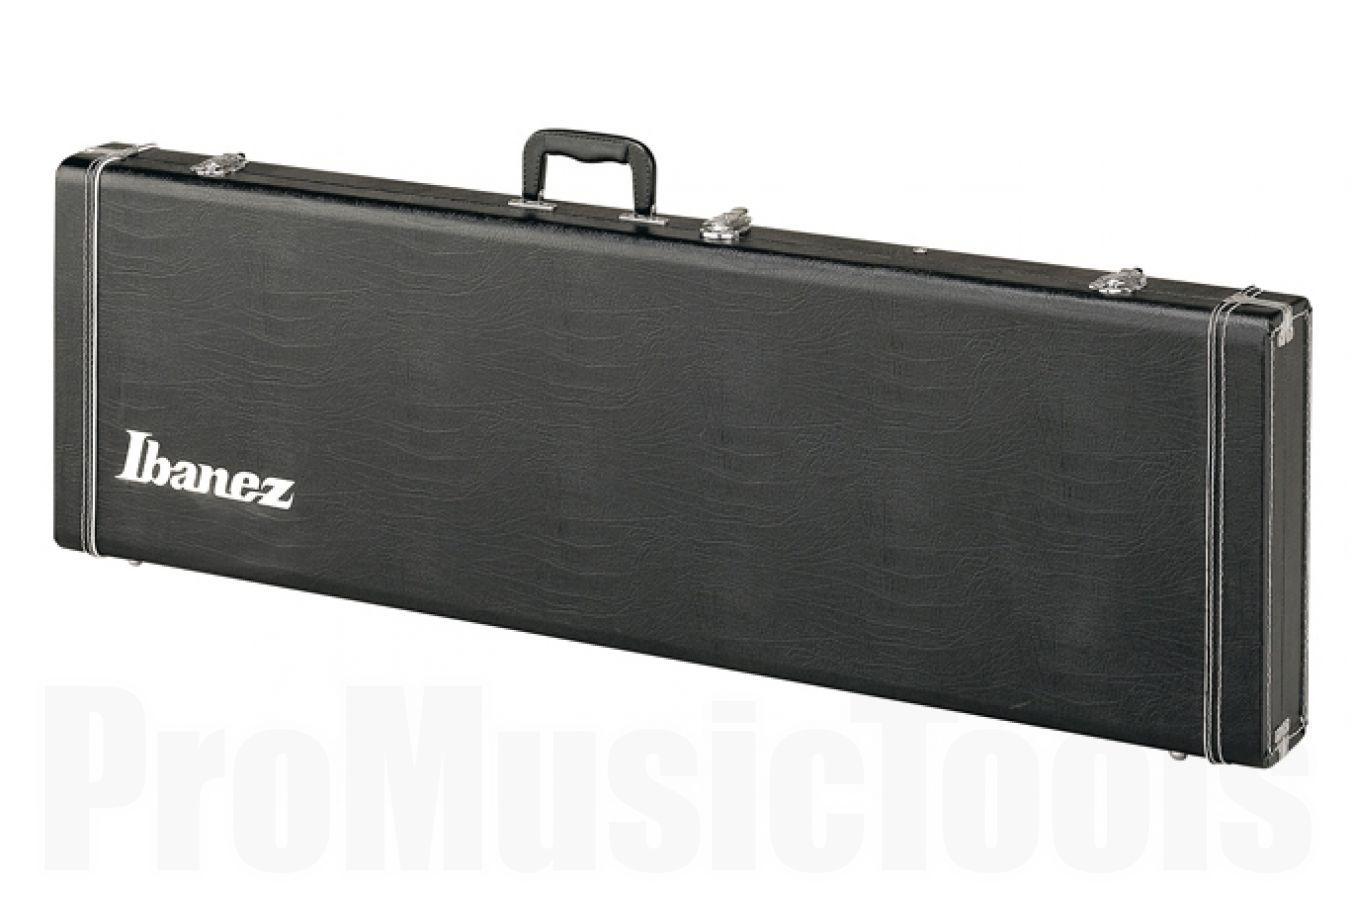 Ibanez W50JTK Wooden Case for JTK RG,RG7, RGD, RGD7, RG8, S, SA